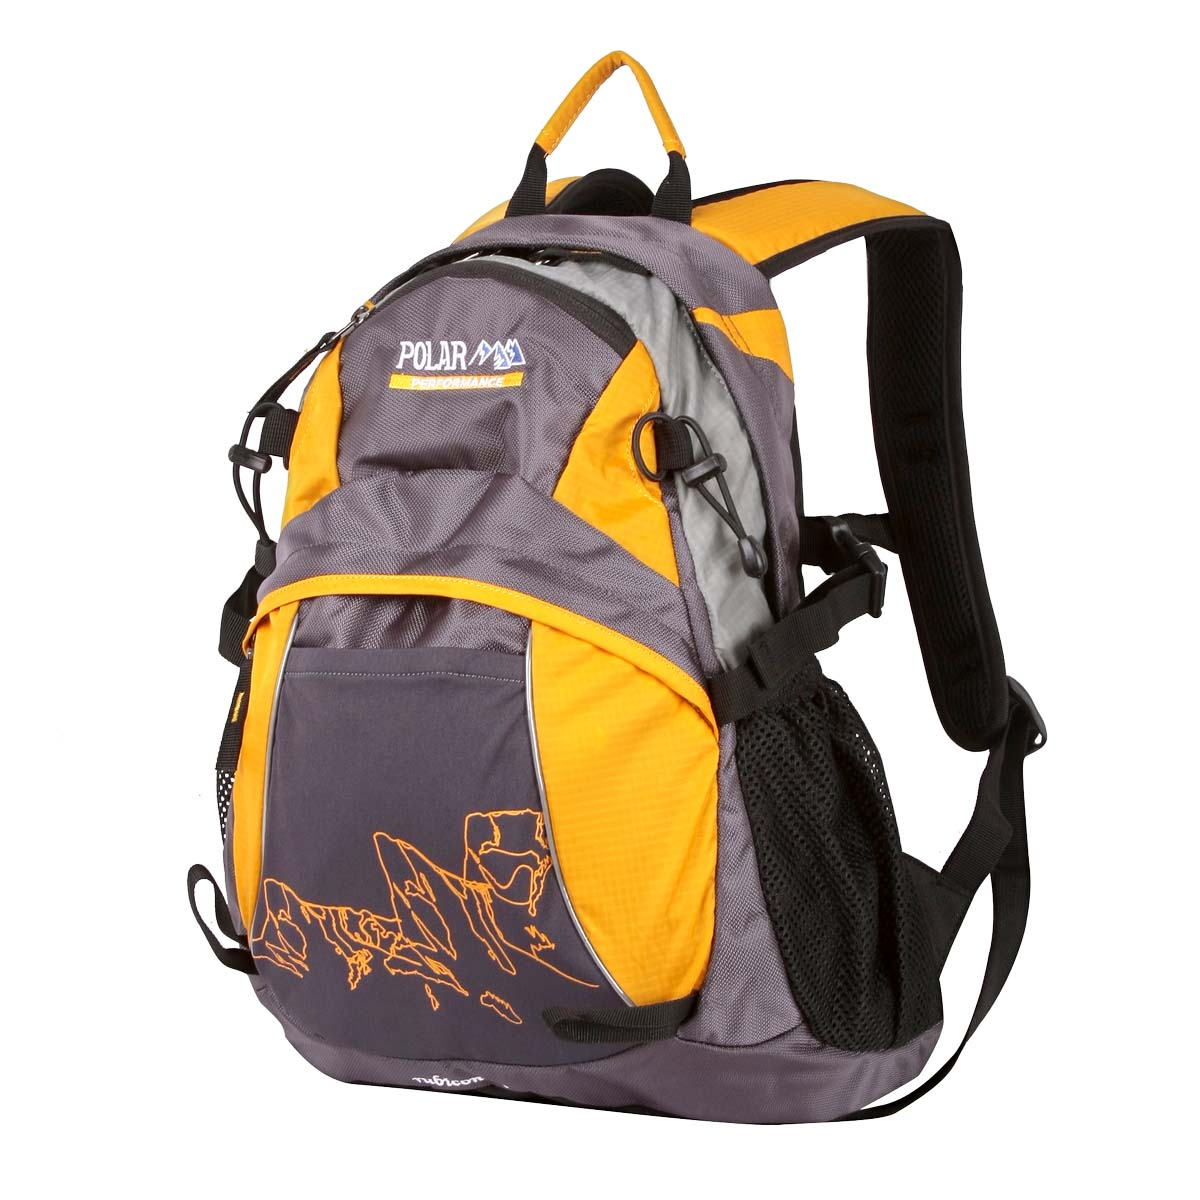 Рюкзак городской Polar, 21,5 л, цвет: желтый. П1563-03 рюкзак polar polar po001burvn27